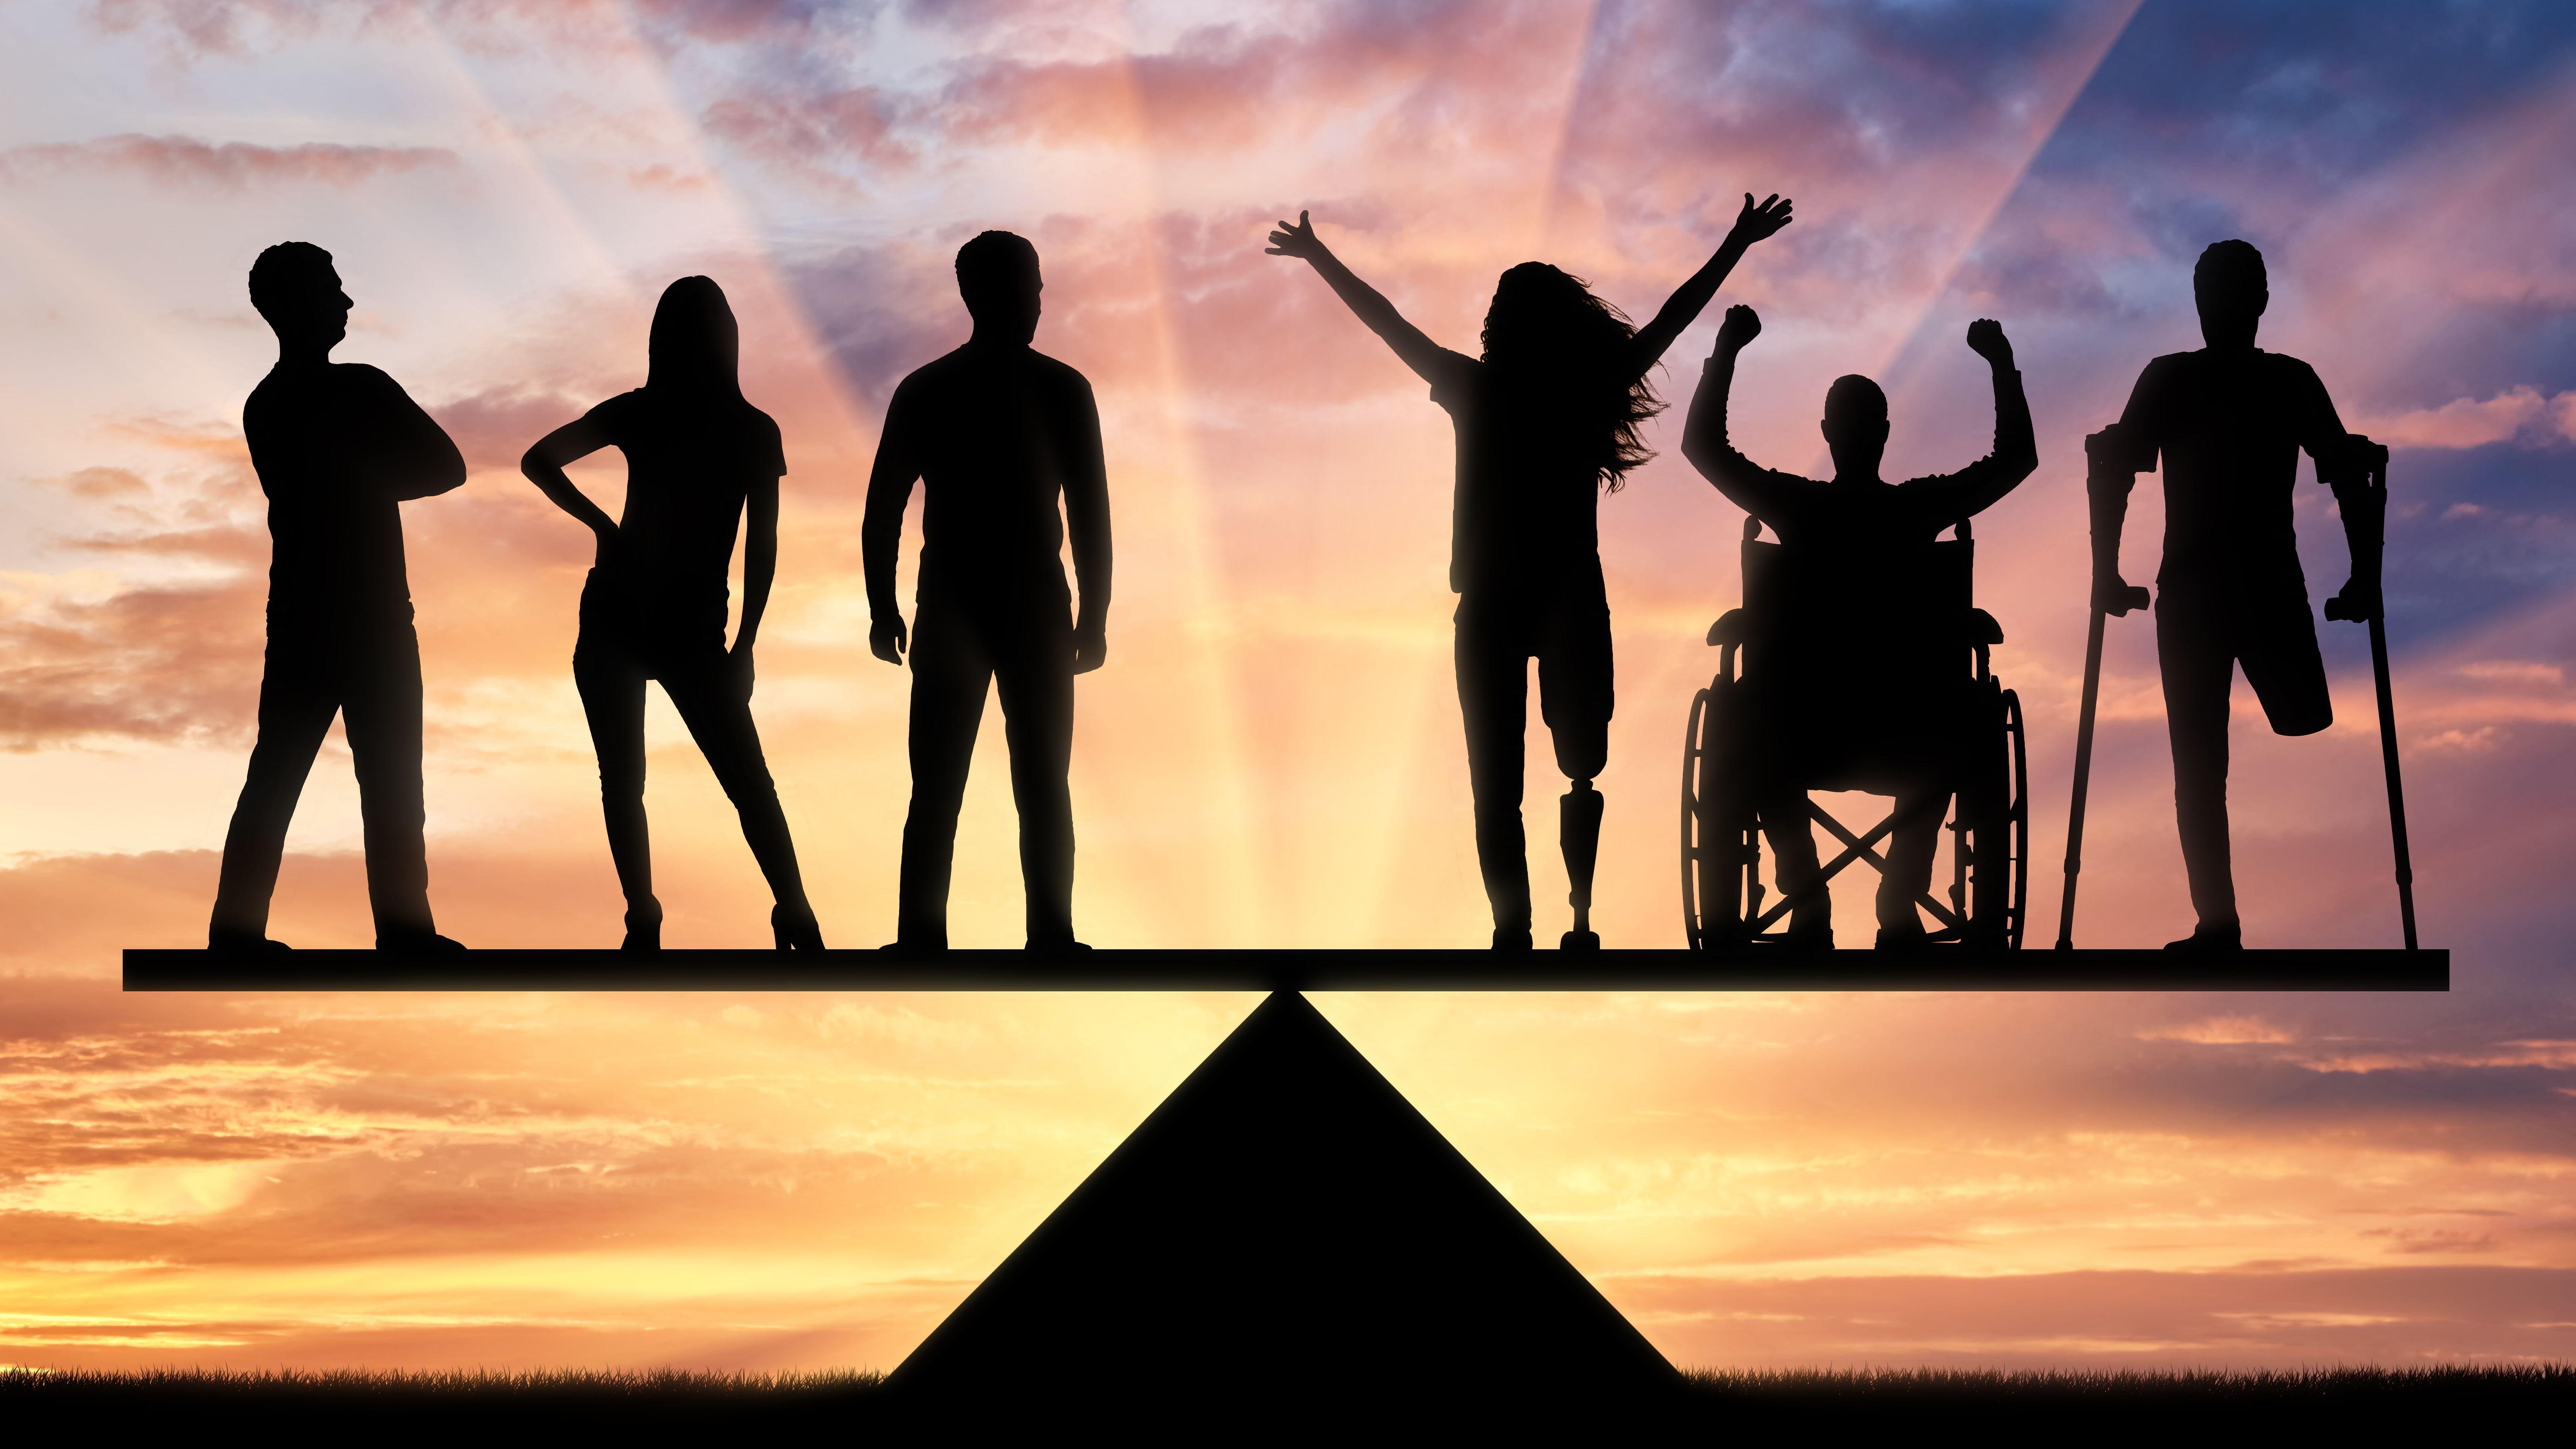 Noch stehen alle Menschen auf der gleichen Ebene einer Waage. Ein Wunschszenario für eine gerechte Gesellschaft.